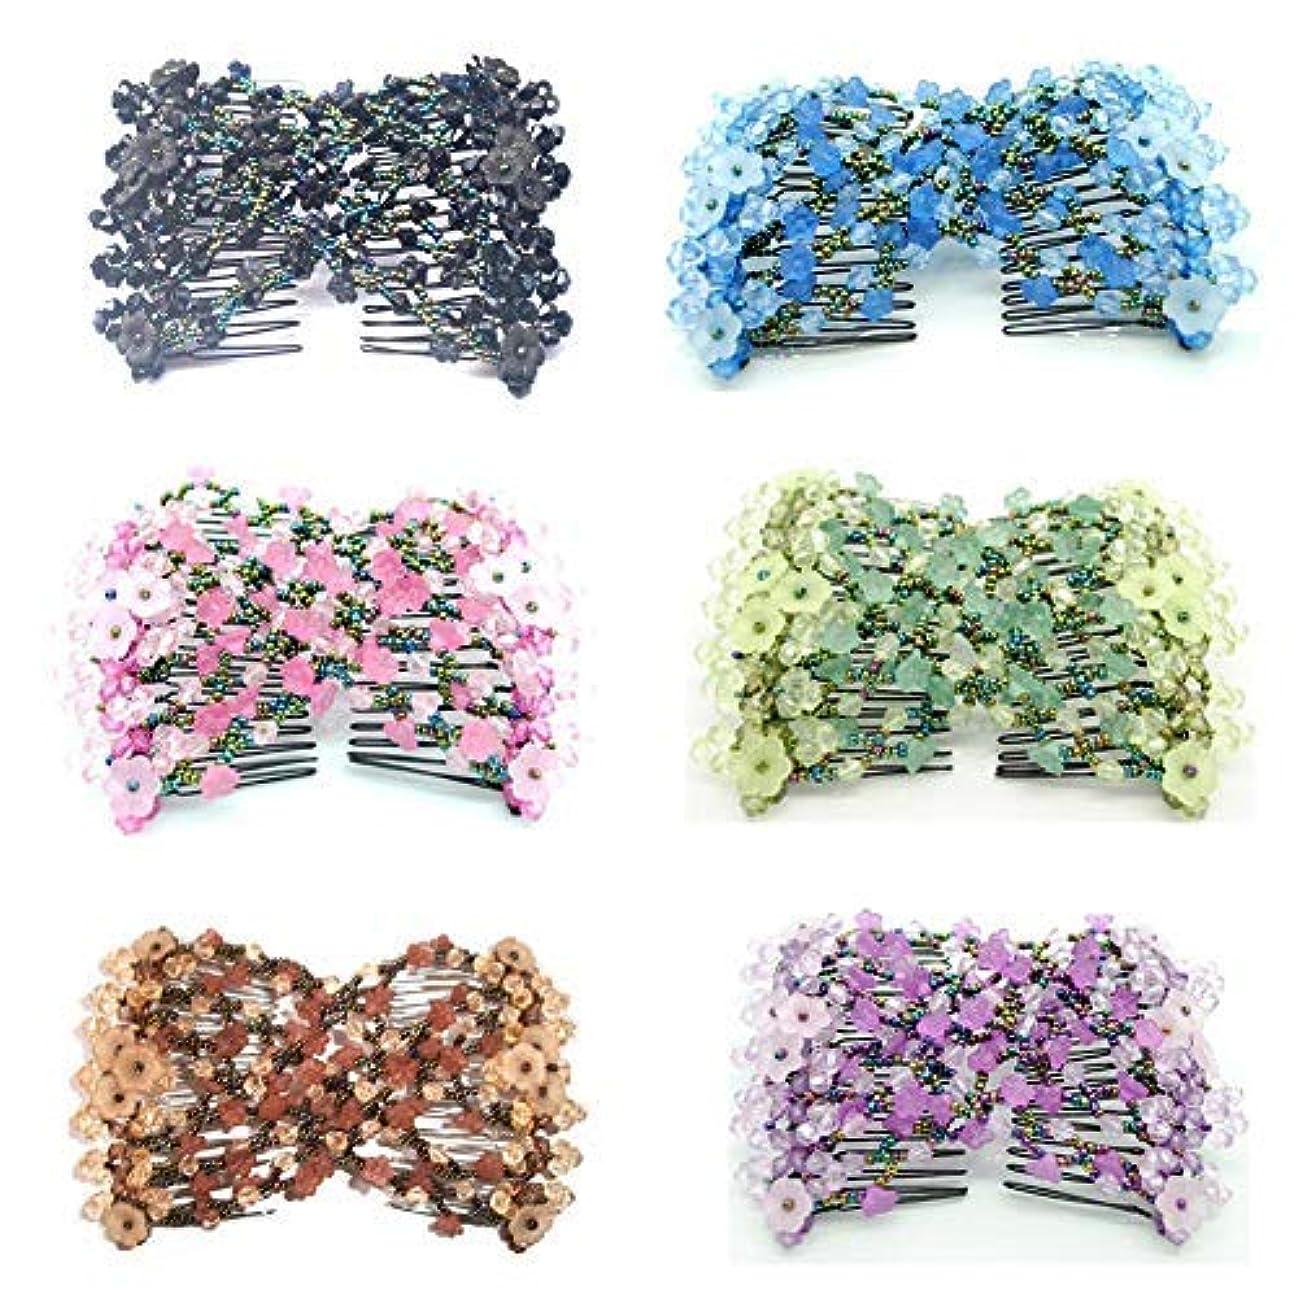 ノーブル考古学的な赤面Casualfashion 6Pcs Magic Ez Combs for Women Hair Bun Maker Accessories, Elastic Beaded Double Hair Clips Combs...